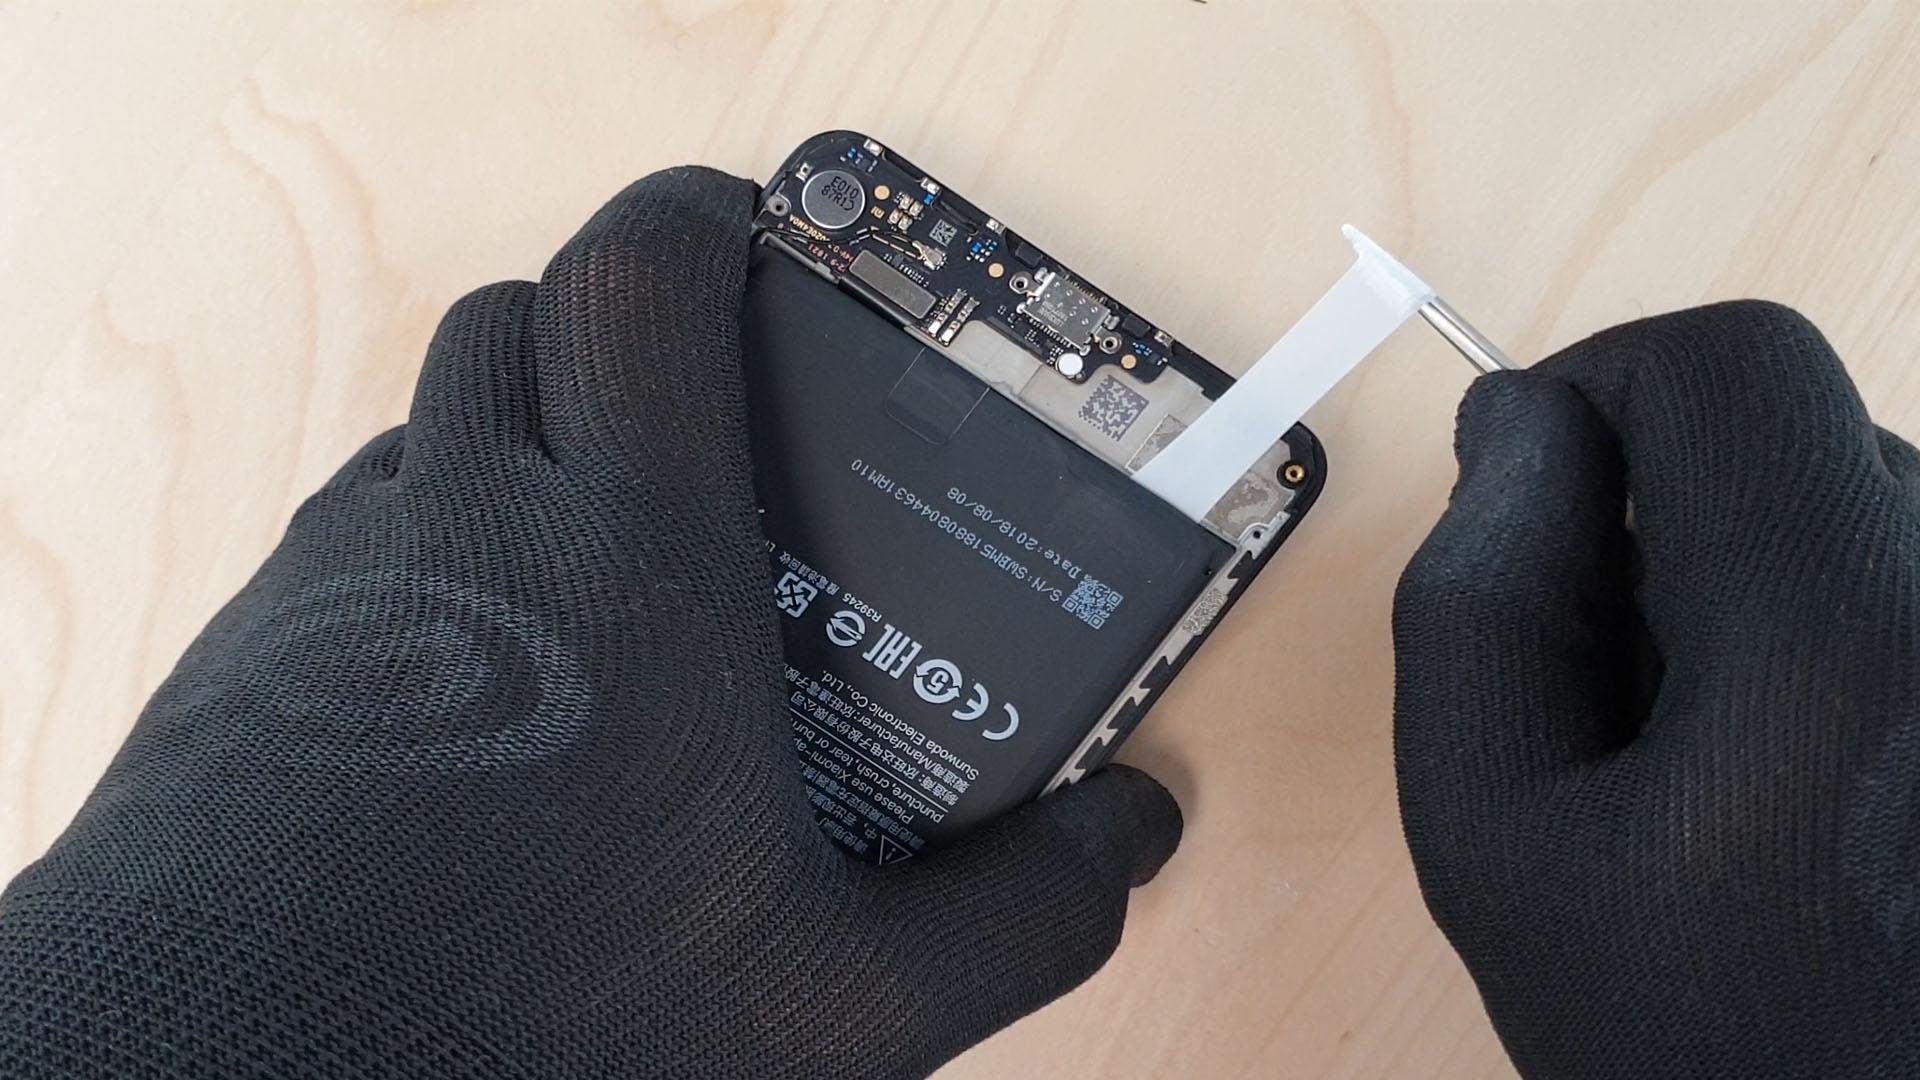 On tire les languettes autocollantes de la batterie du mi max 3